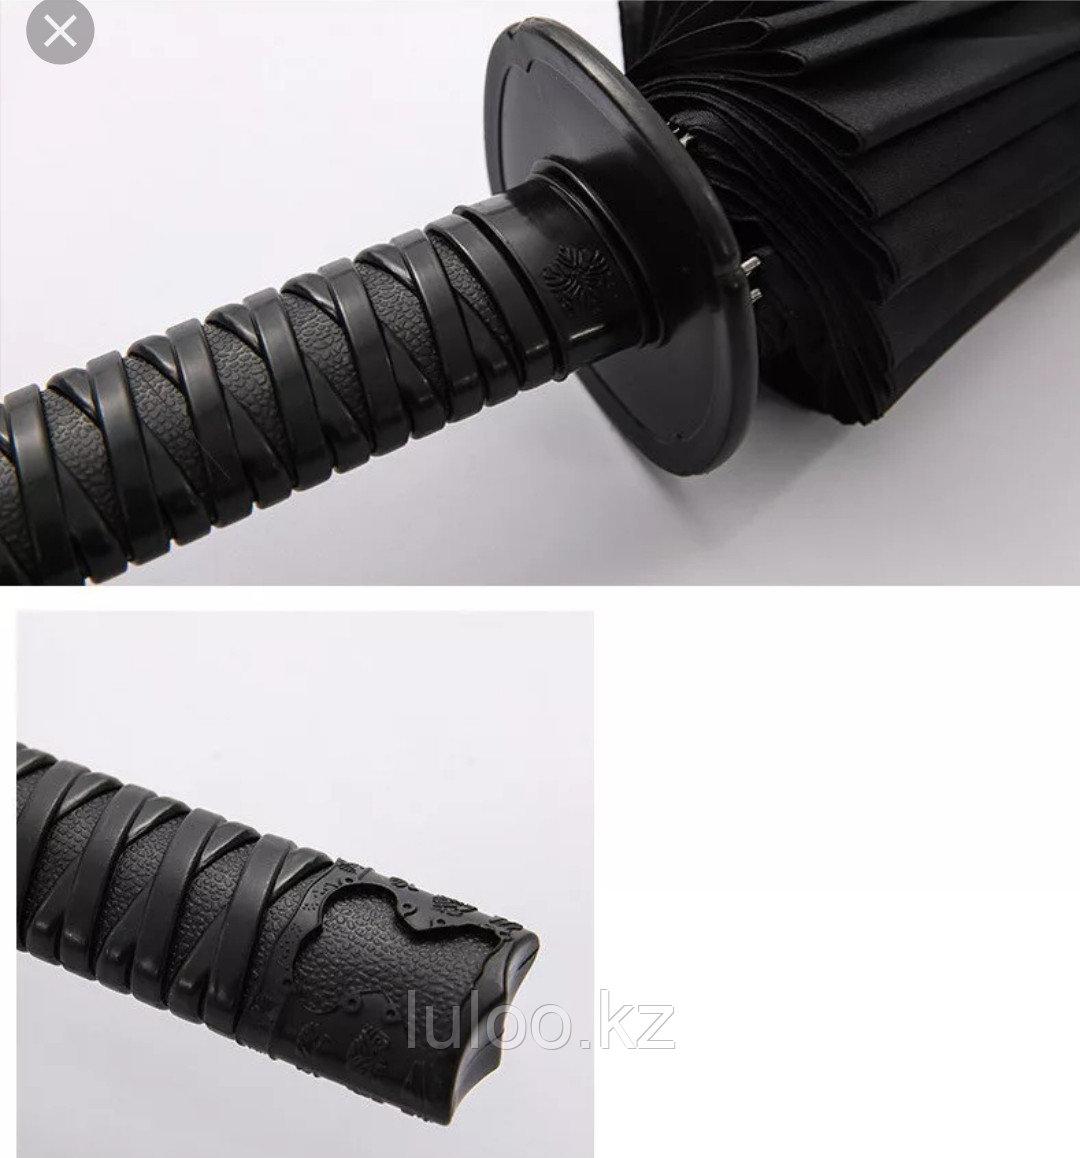 """Оригинальный зонт """"Меч"""" (зонт Катана), 16 спиц. - фото 5"""